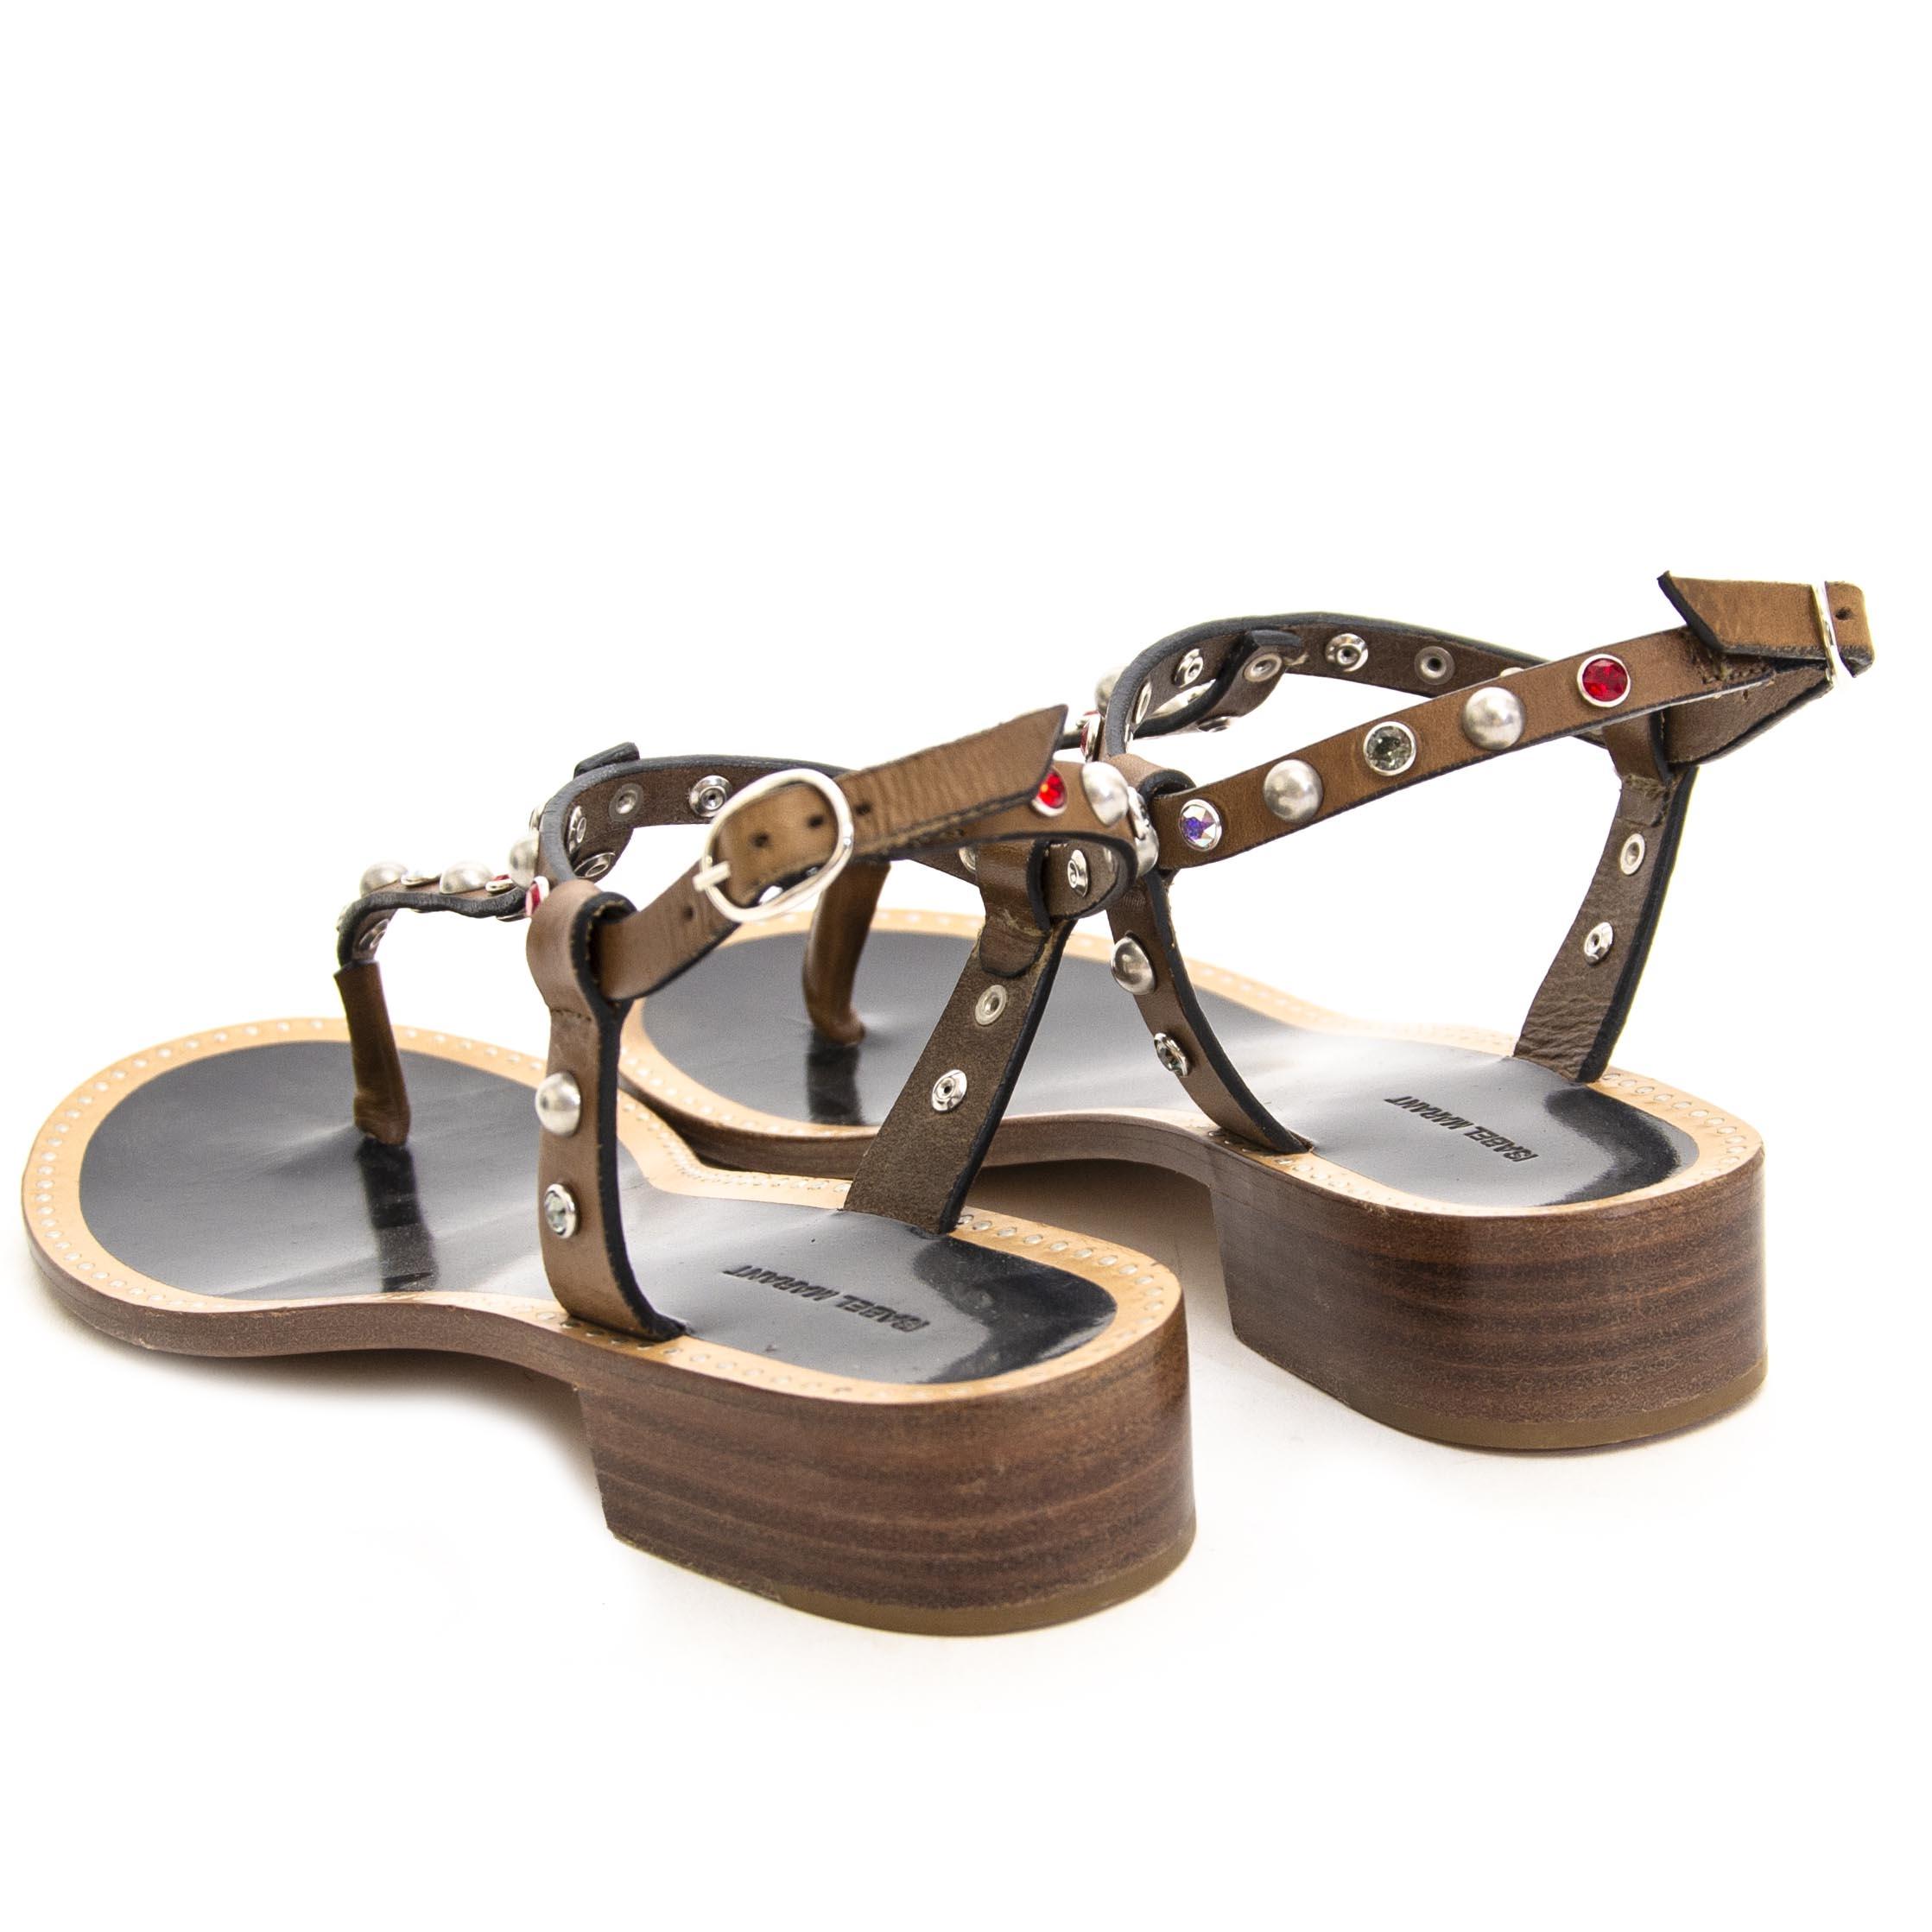 Isabel Marant Stud Sandals - Size 37 nu te koop bij labellov vintage mode webshop belgië